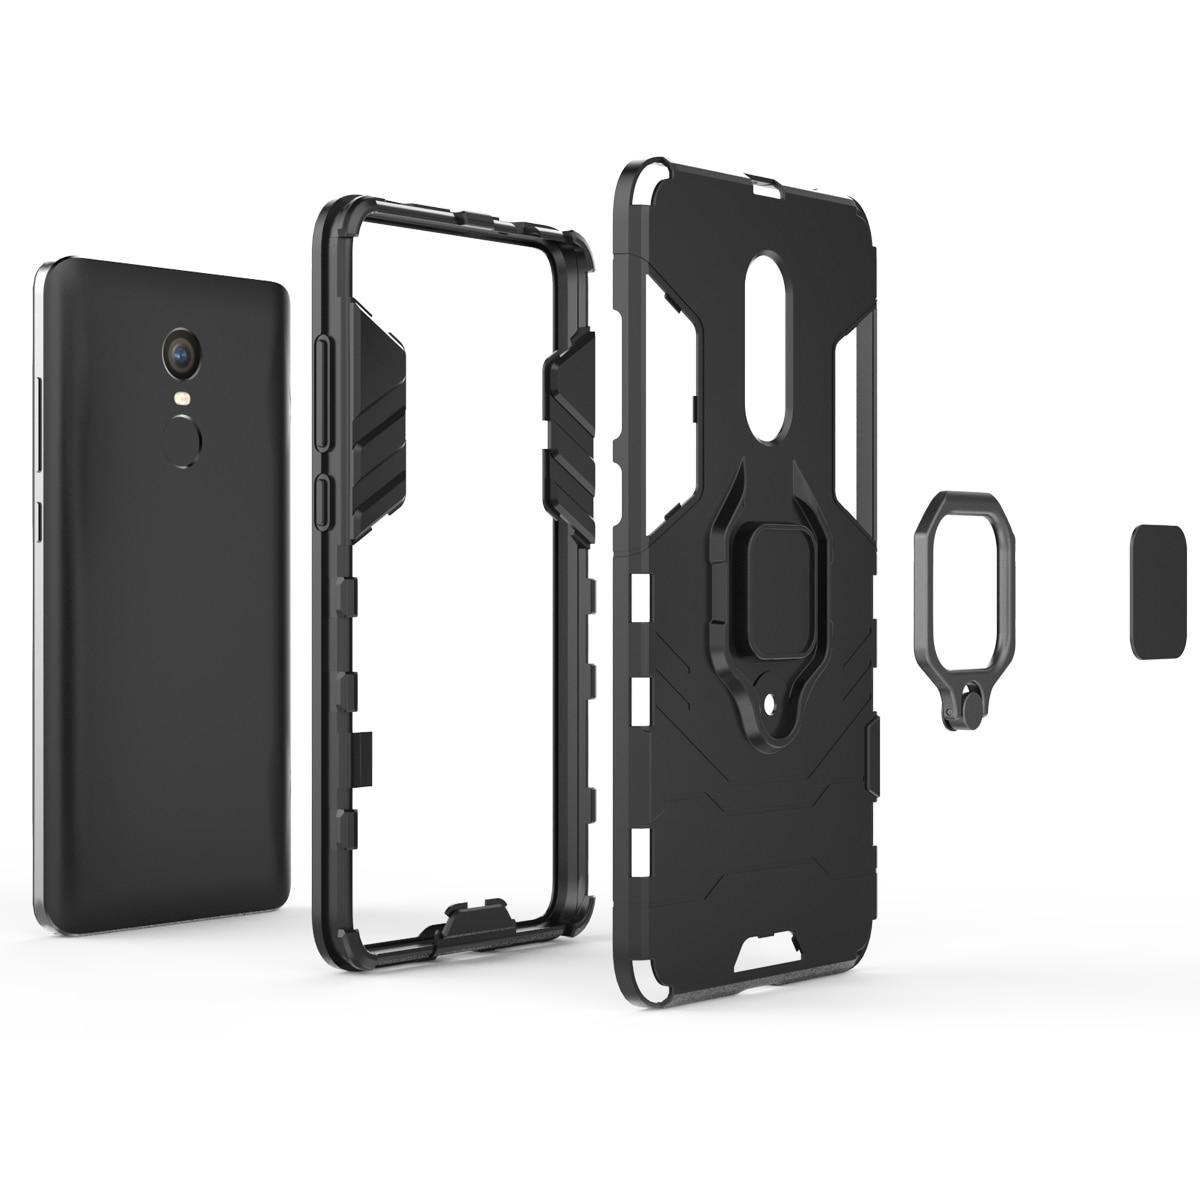 עבור Xiaomi Redmi הערה 4X מקרה סוגר מגנט מתכת אצבע טבעת מחזיק טלפון מקרה עבור Xiaomi Redmi הערה 4 פרו ראש היברידי כיסוי